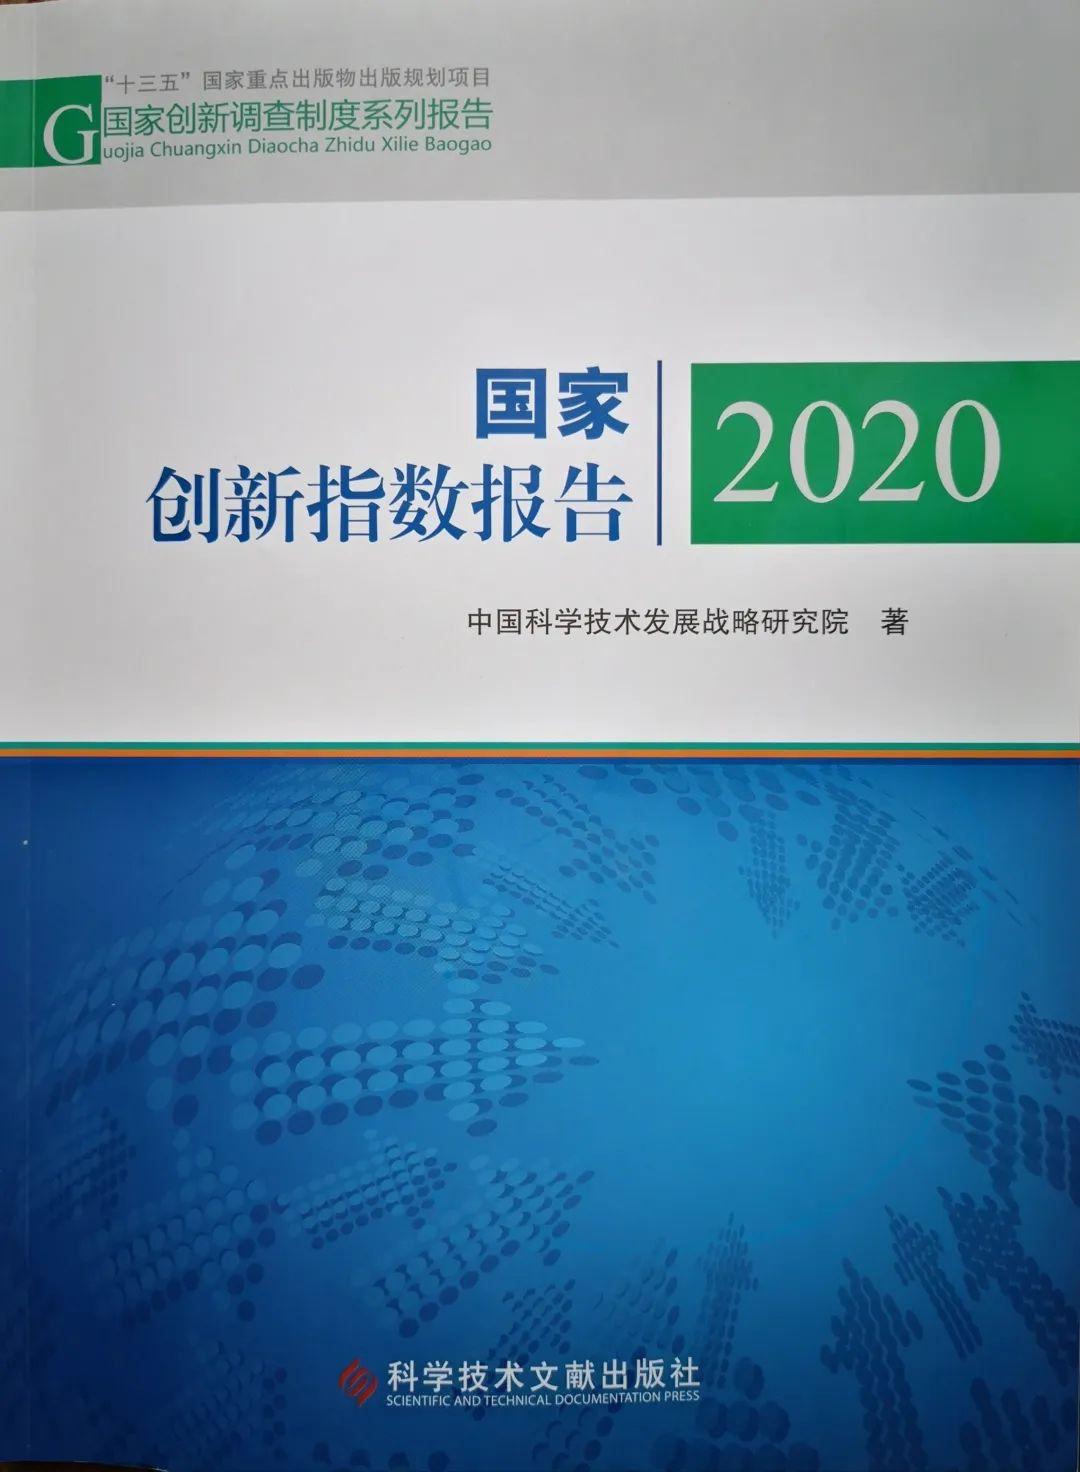 《国家创新指数报告2020》出炉!中国综合排名世界第14位